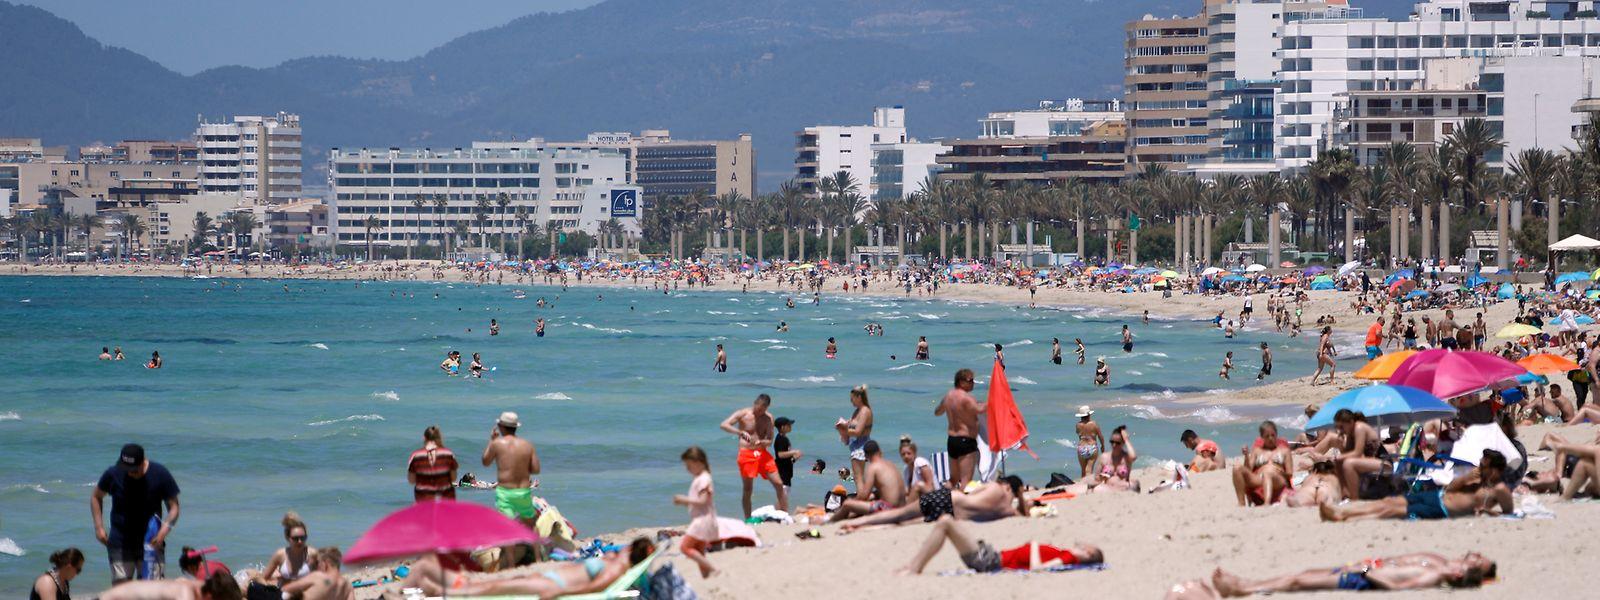 29.05.2021, Spanien: Menschen sonnen sich am Strand von Arenal.